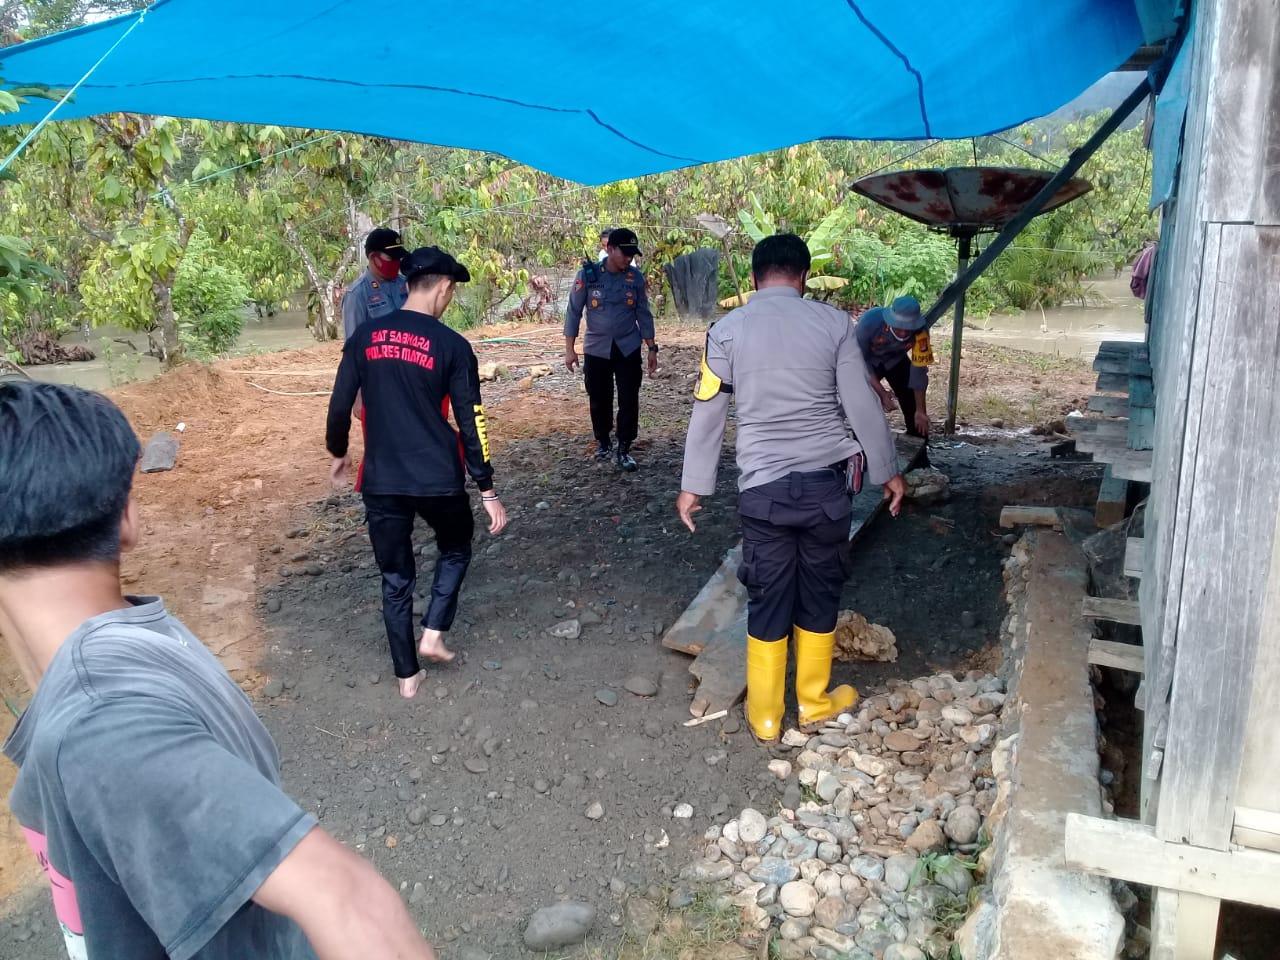 Gambar Polres Mamuju Utara Bangun Dapur Umum di Desa Ompi